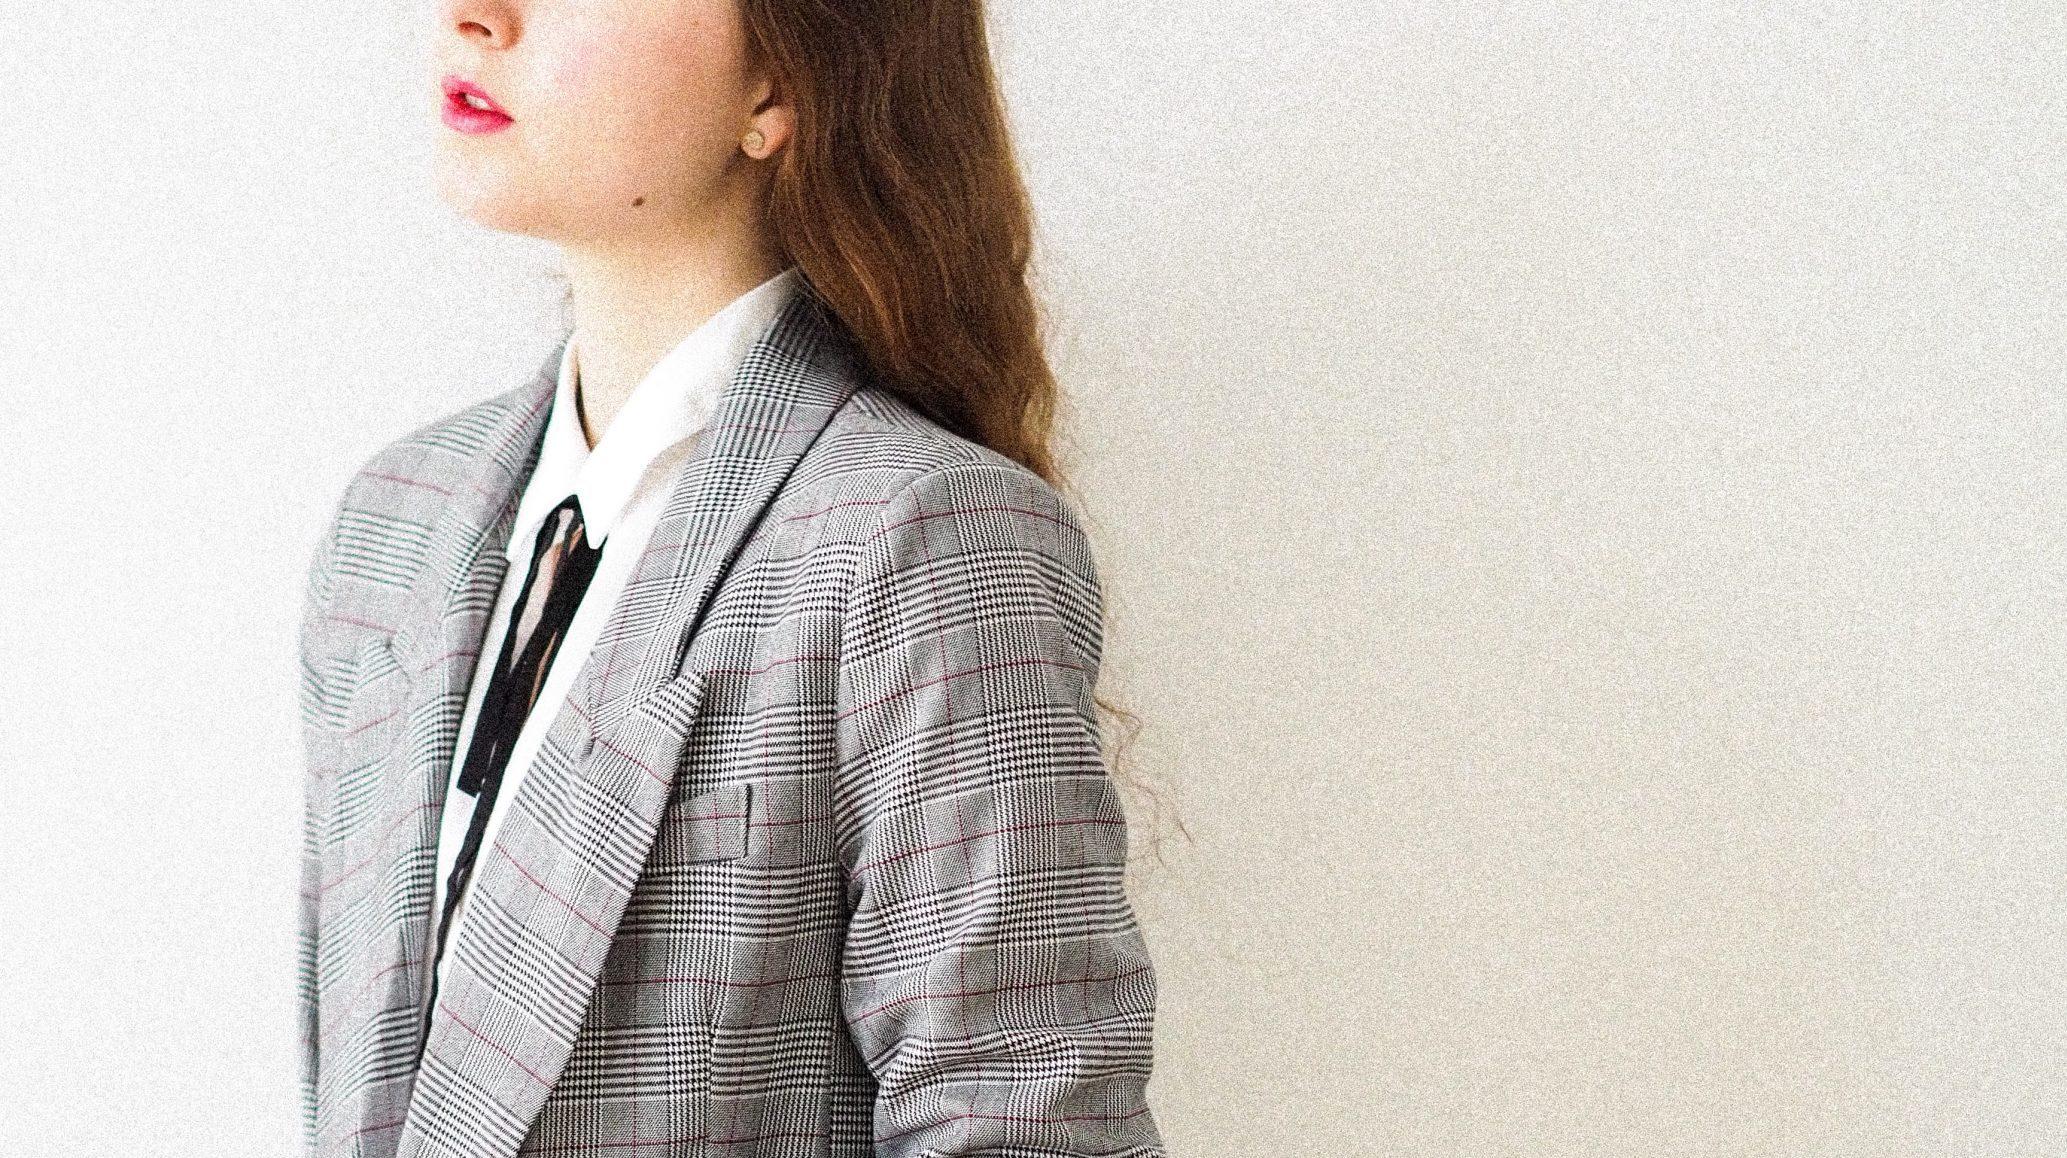 Žena v obleku